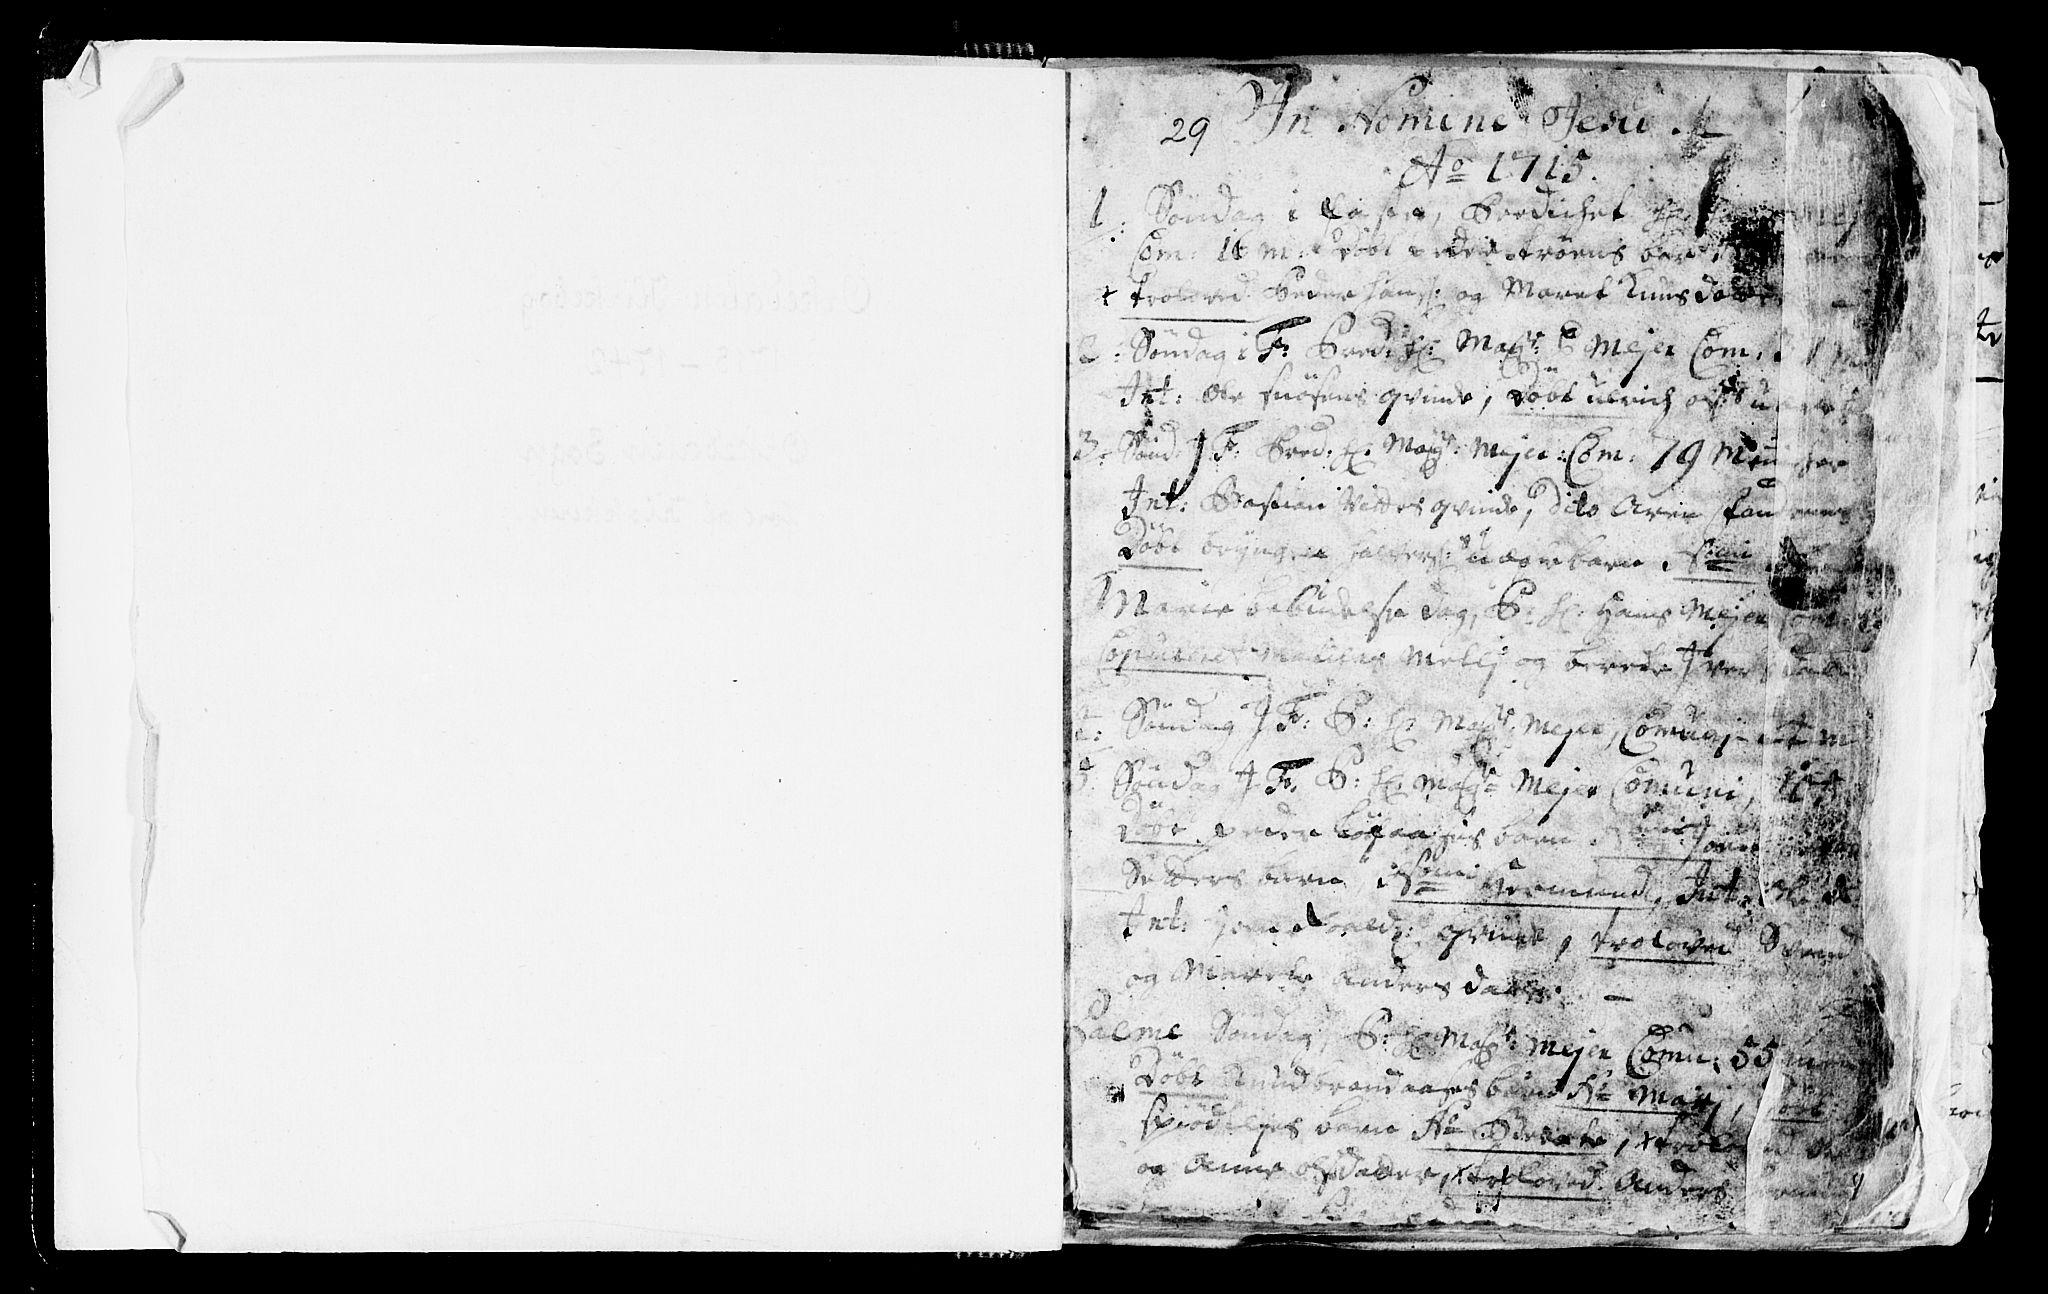 SAT, Ministerialprotokoller, klokkerbøker og fødselsregistre - Sør-Trøndelag, 668/L0812: Klokkerbok nr. 668C01, 1715-1742, s. 1